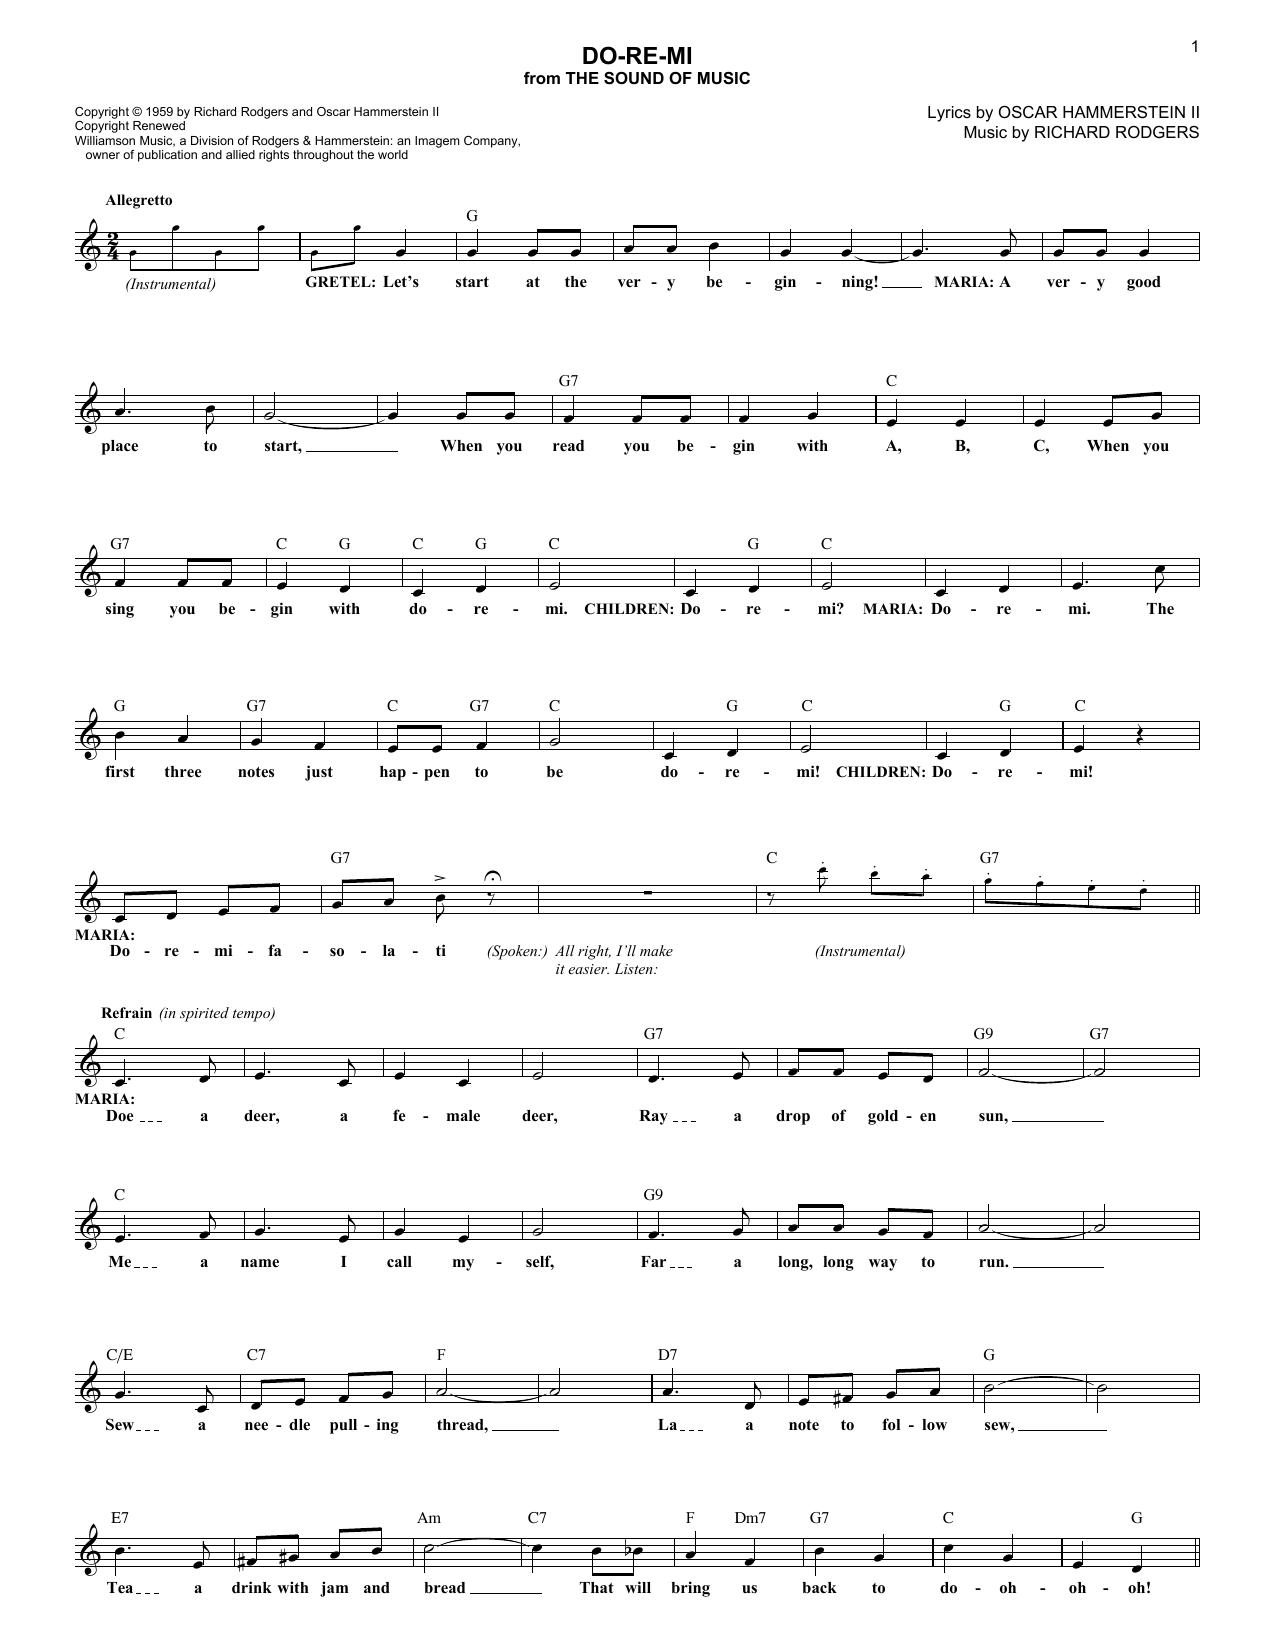 Rodgers & Hammerstein - Do-Re-Mi